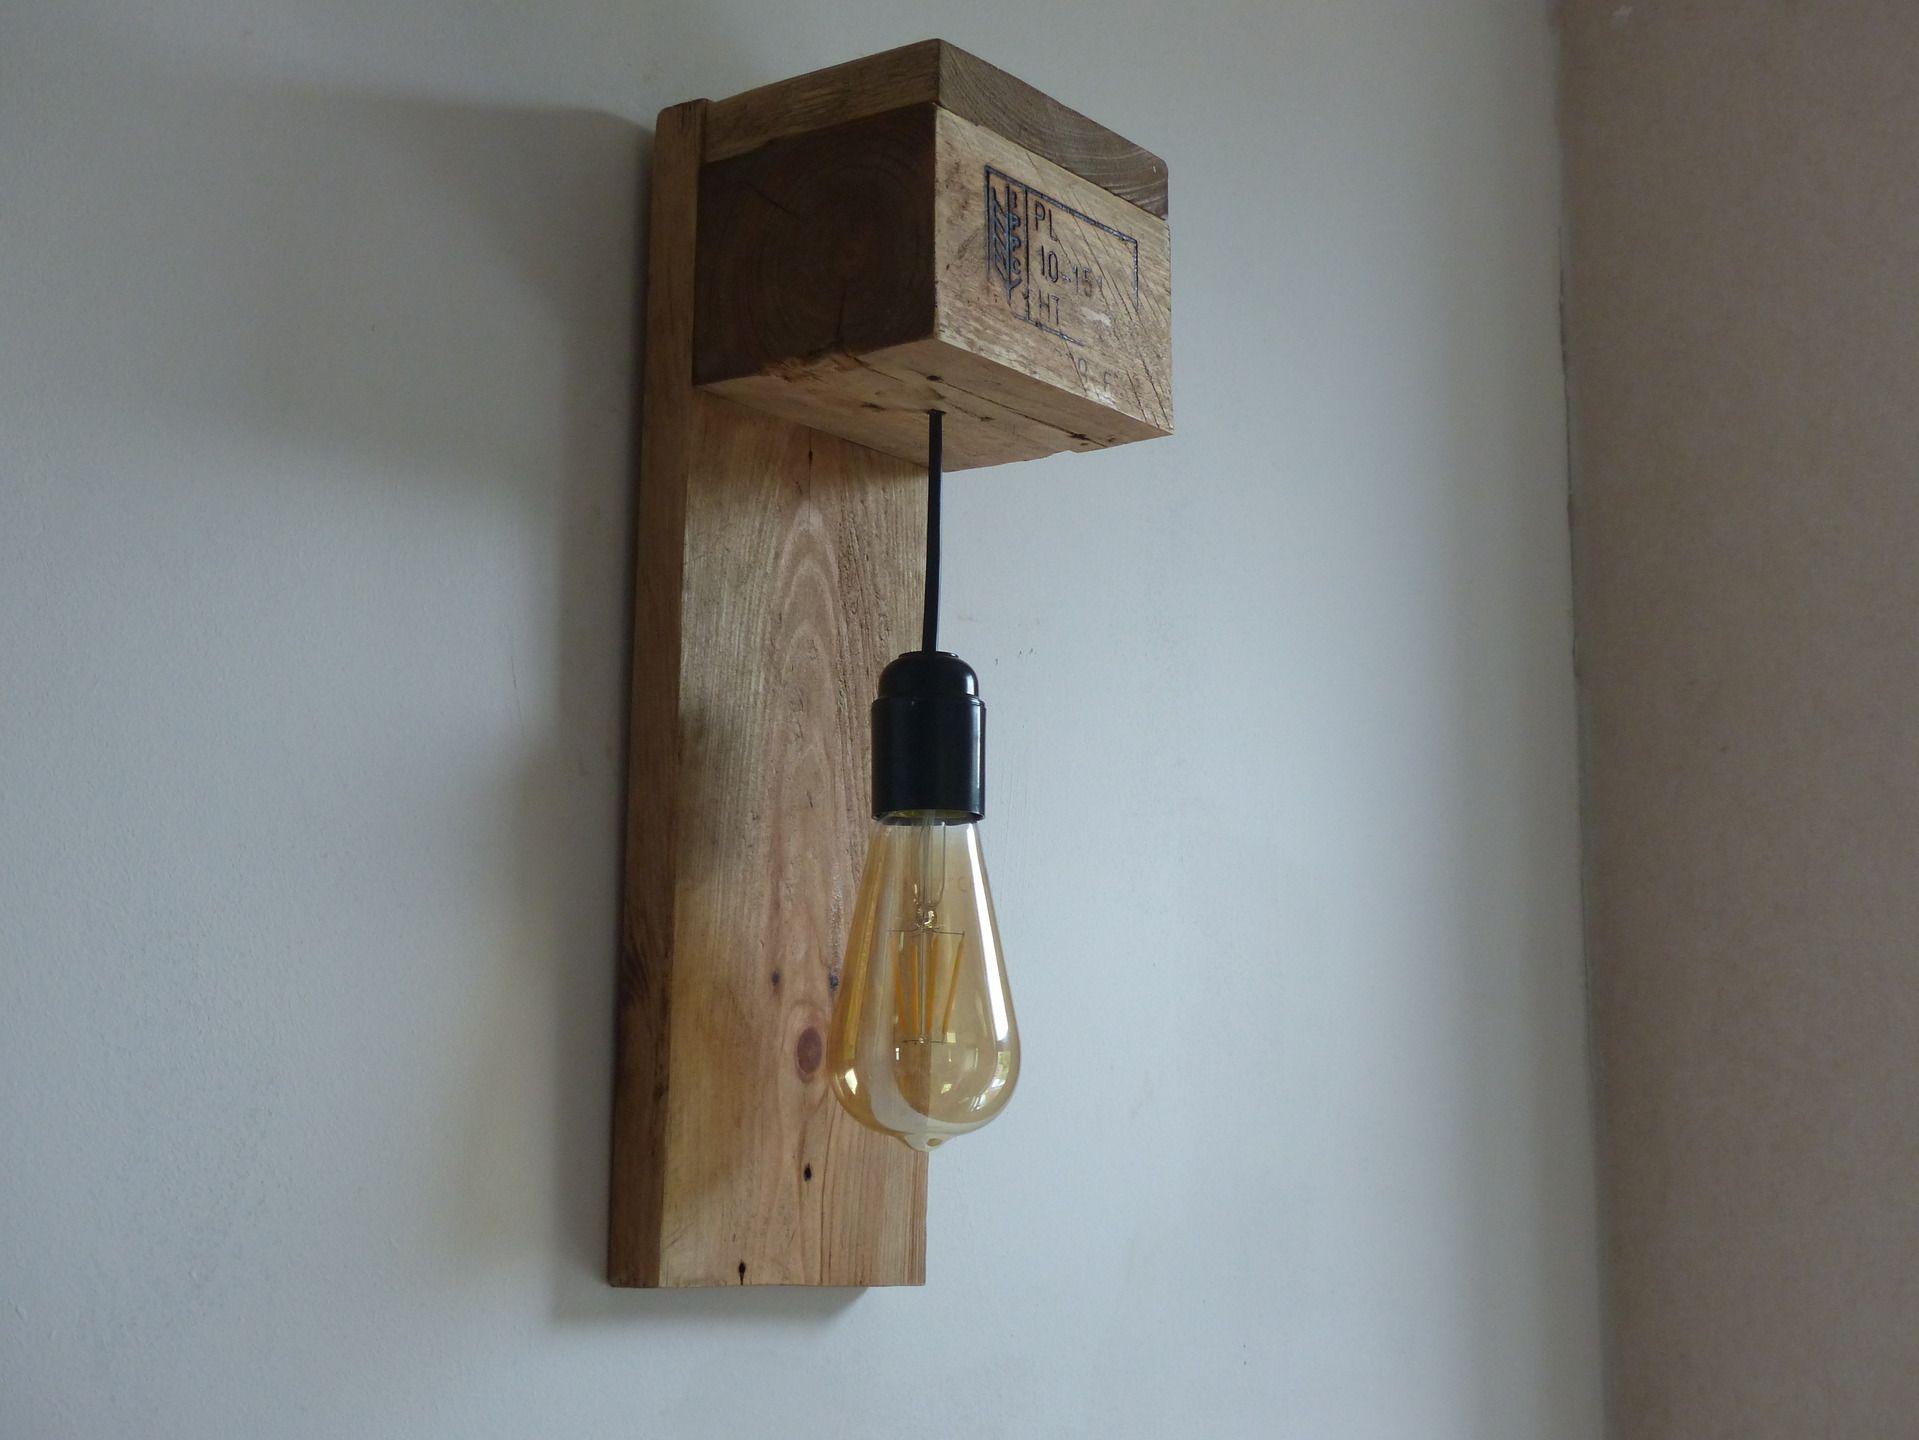 Lampe Applique Bois LED Luminaires Par Travelwood DIY